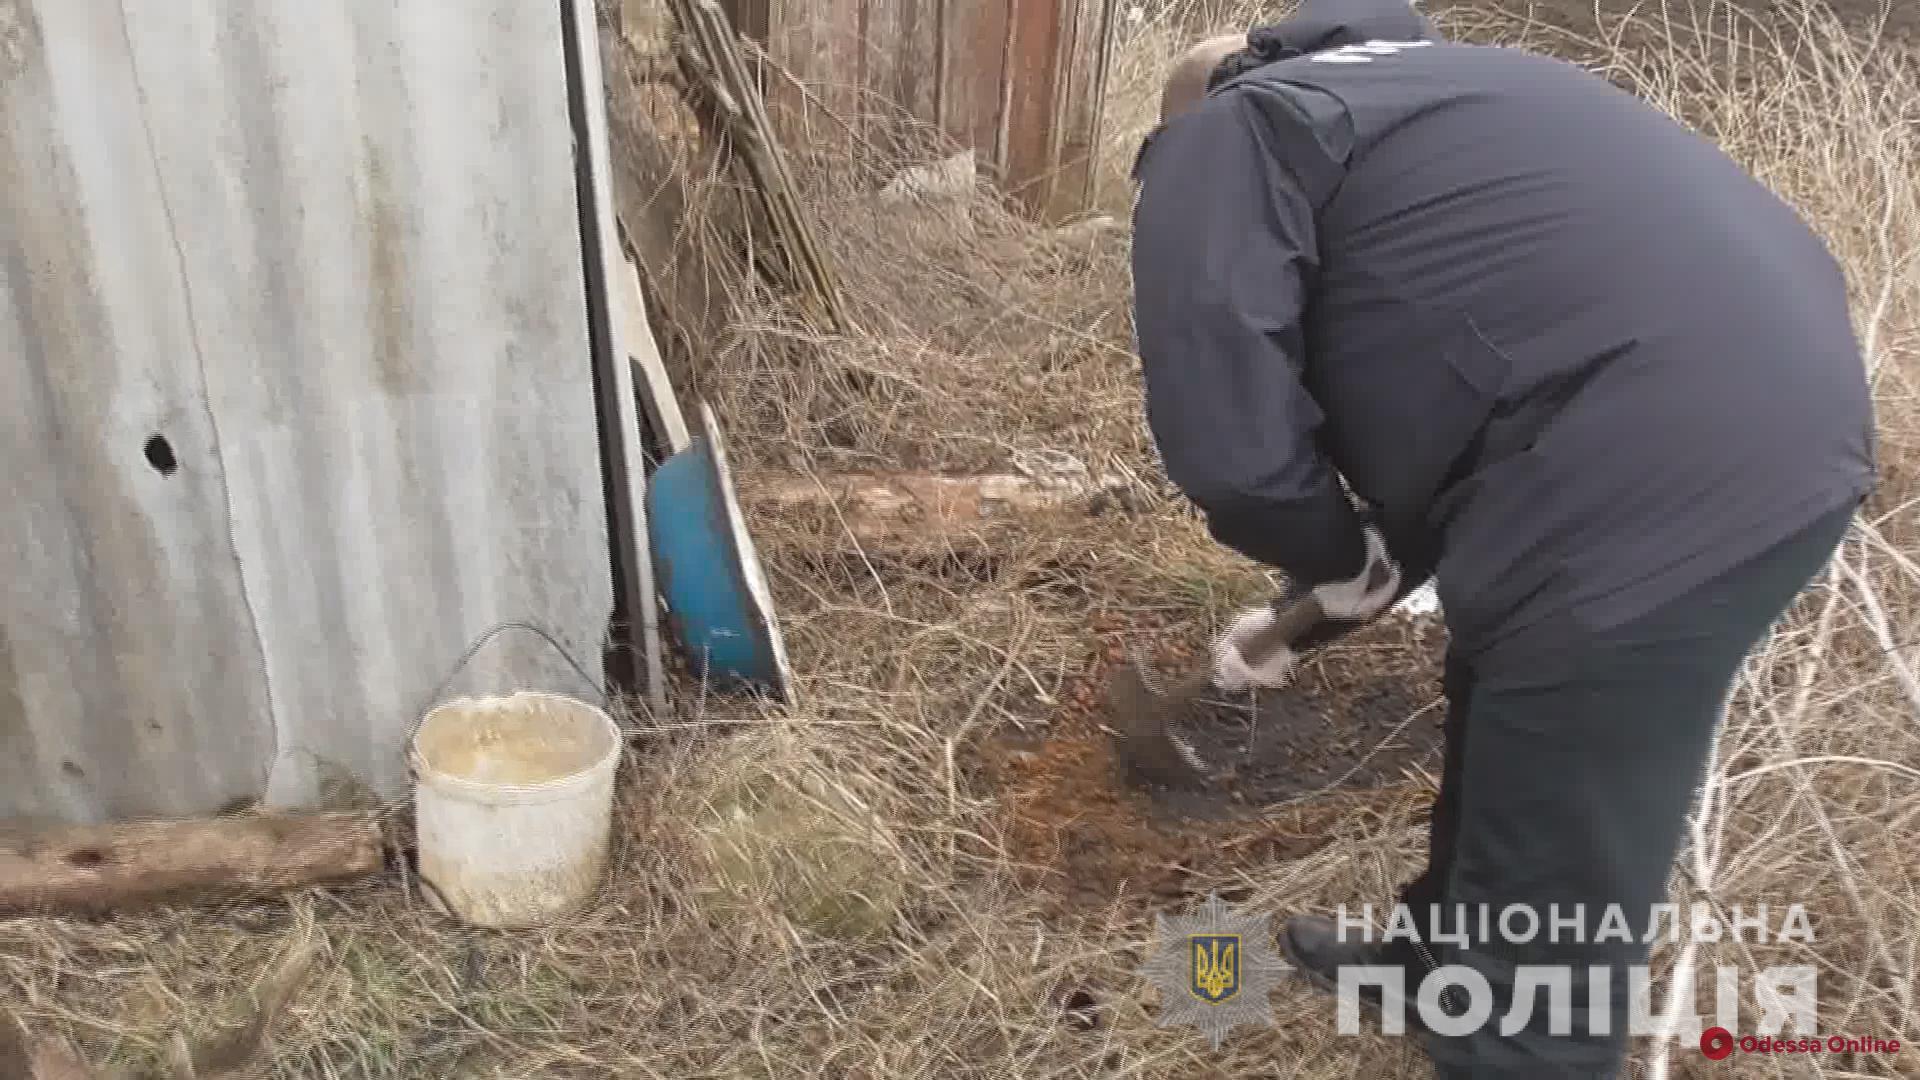 Жительница Одесской области живьем закопала новорожденную дочь